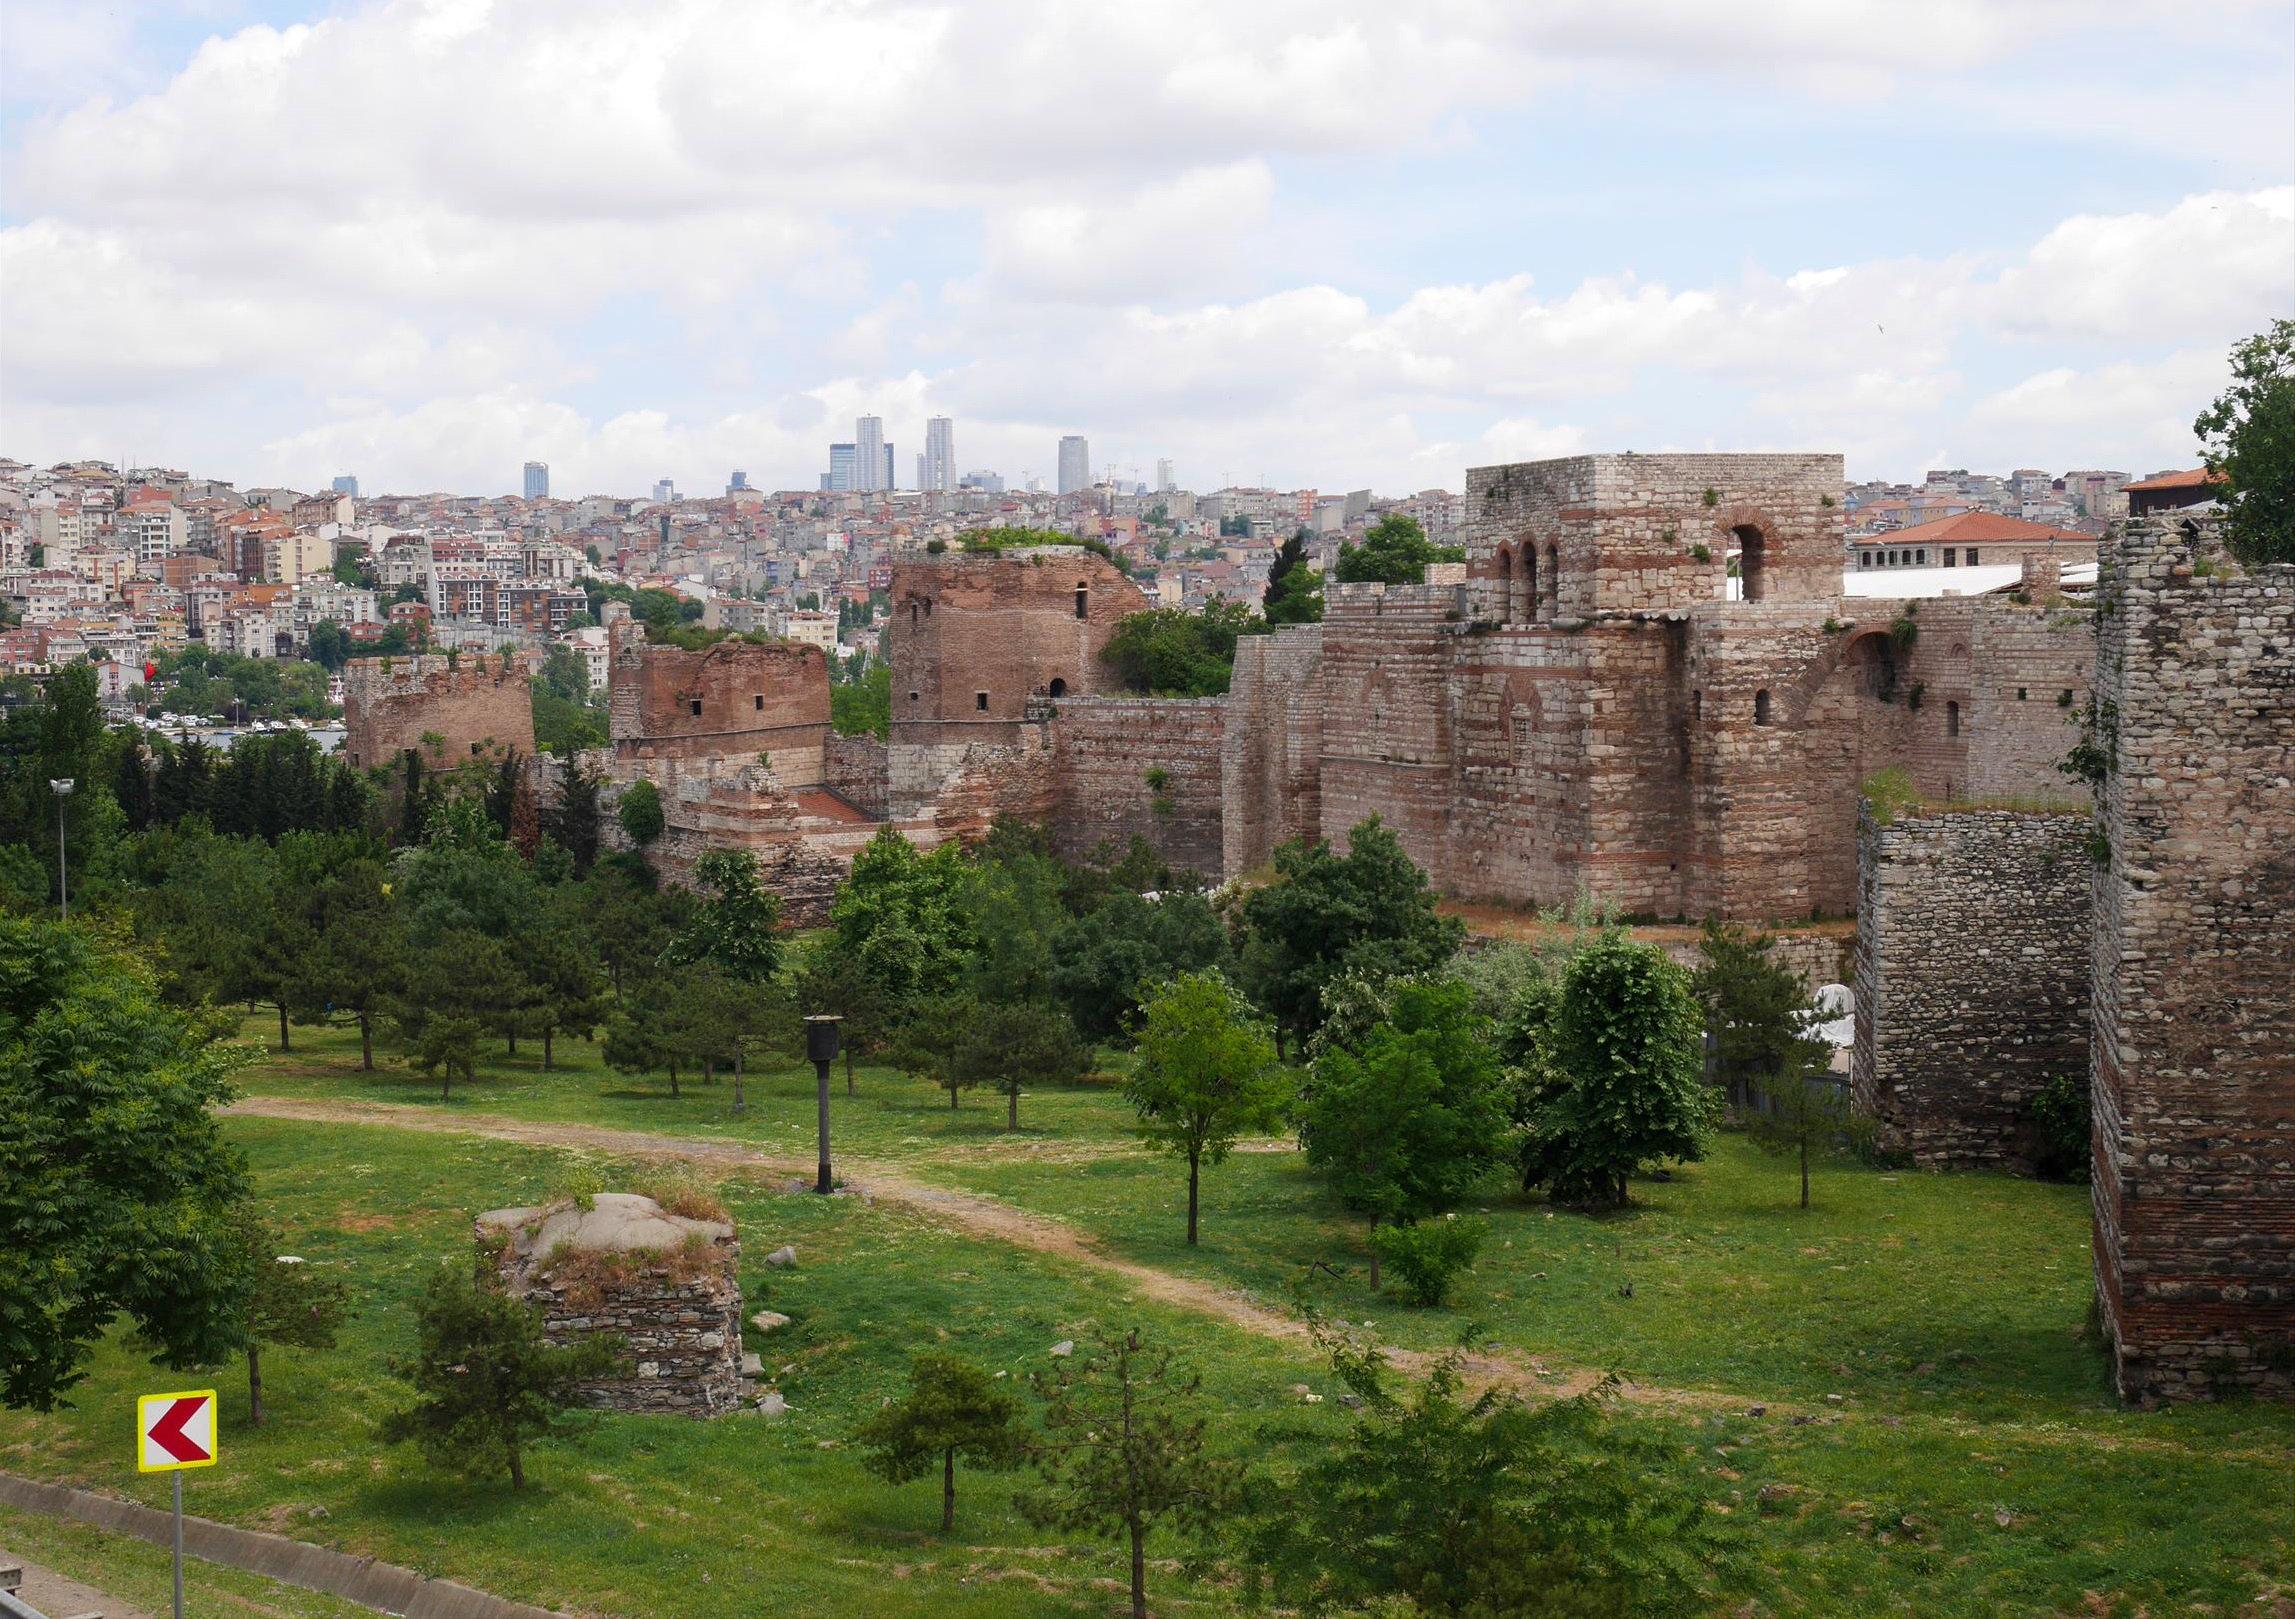 イスタンブールを守る「テオドシウスの城壁」